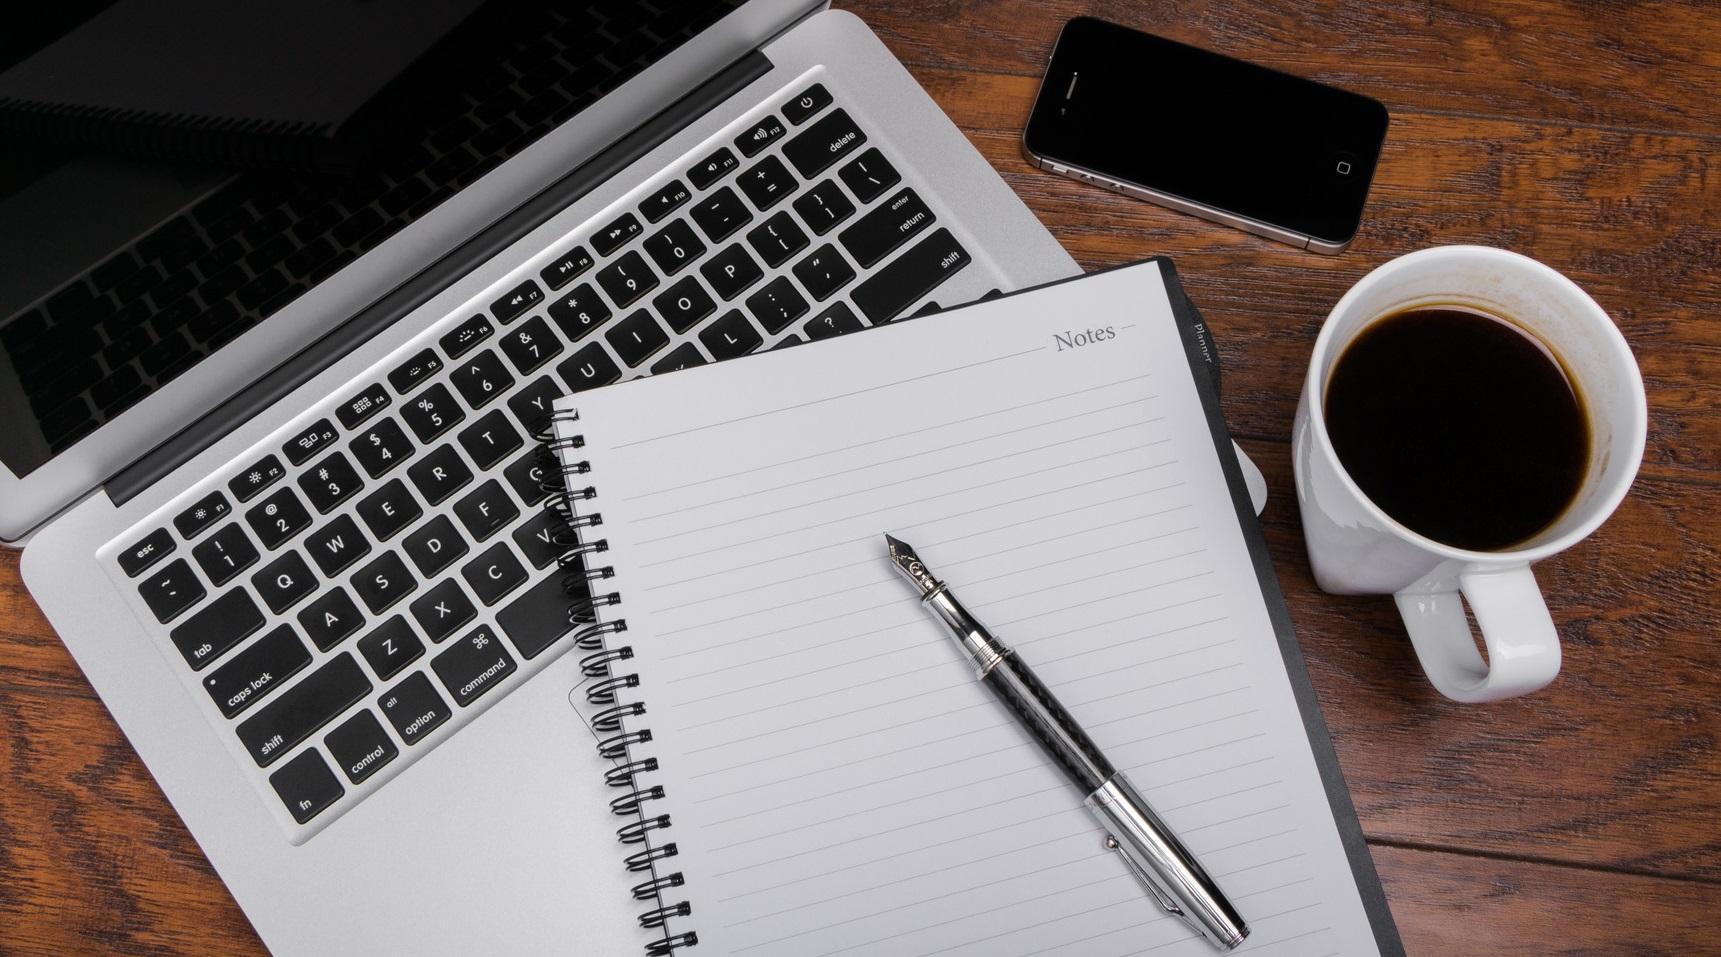 Как писать статьи для блога: несколько советов по содержанию, качеству и уникальности